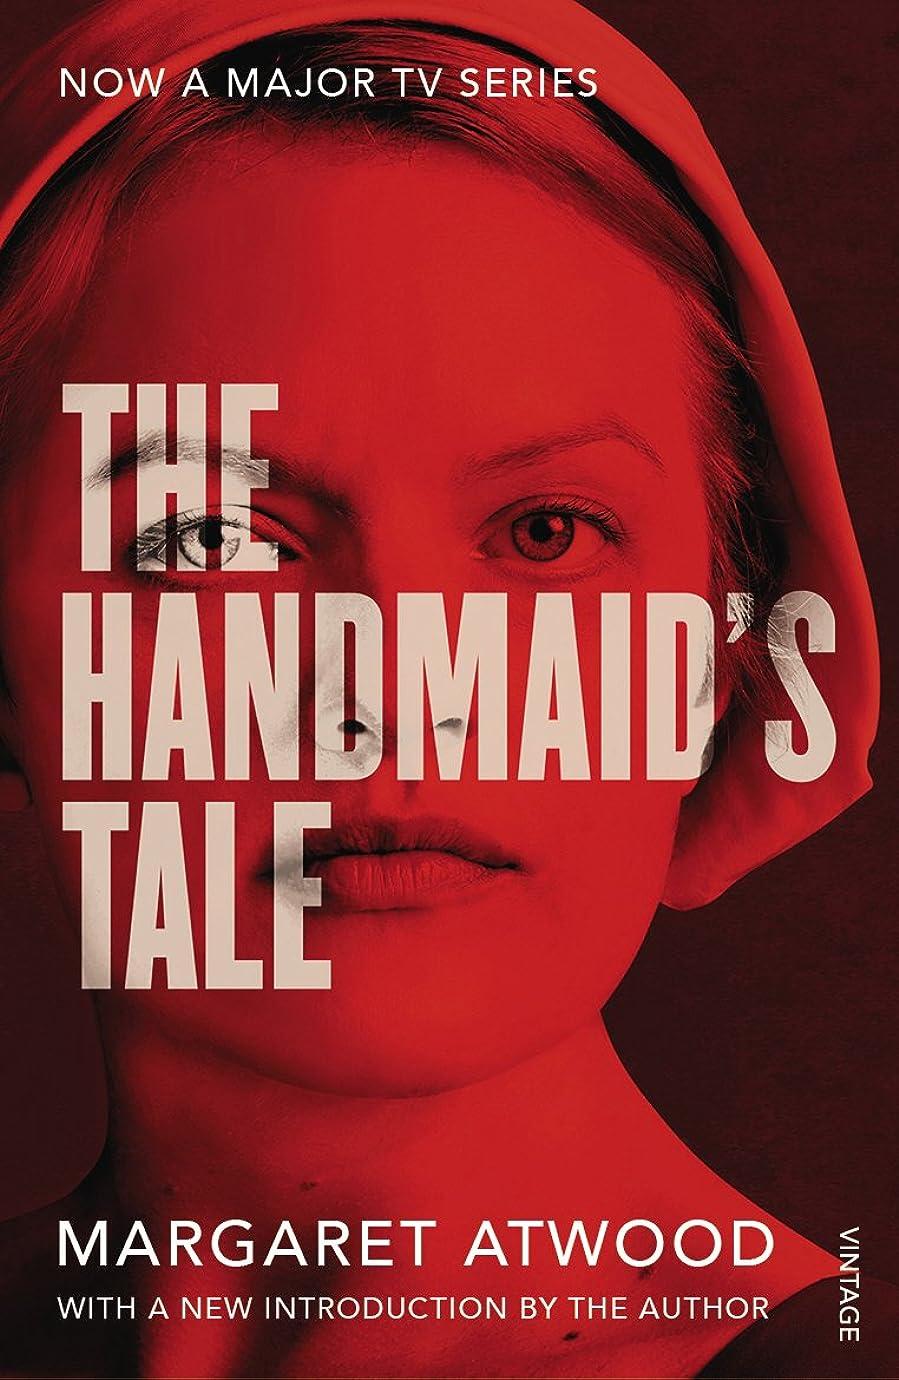 規定友情リスナーThe Handmaid's Tale (The Handmaid's Tale Book 1) (English Edition)